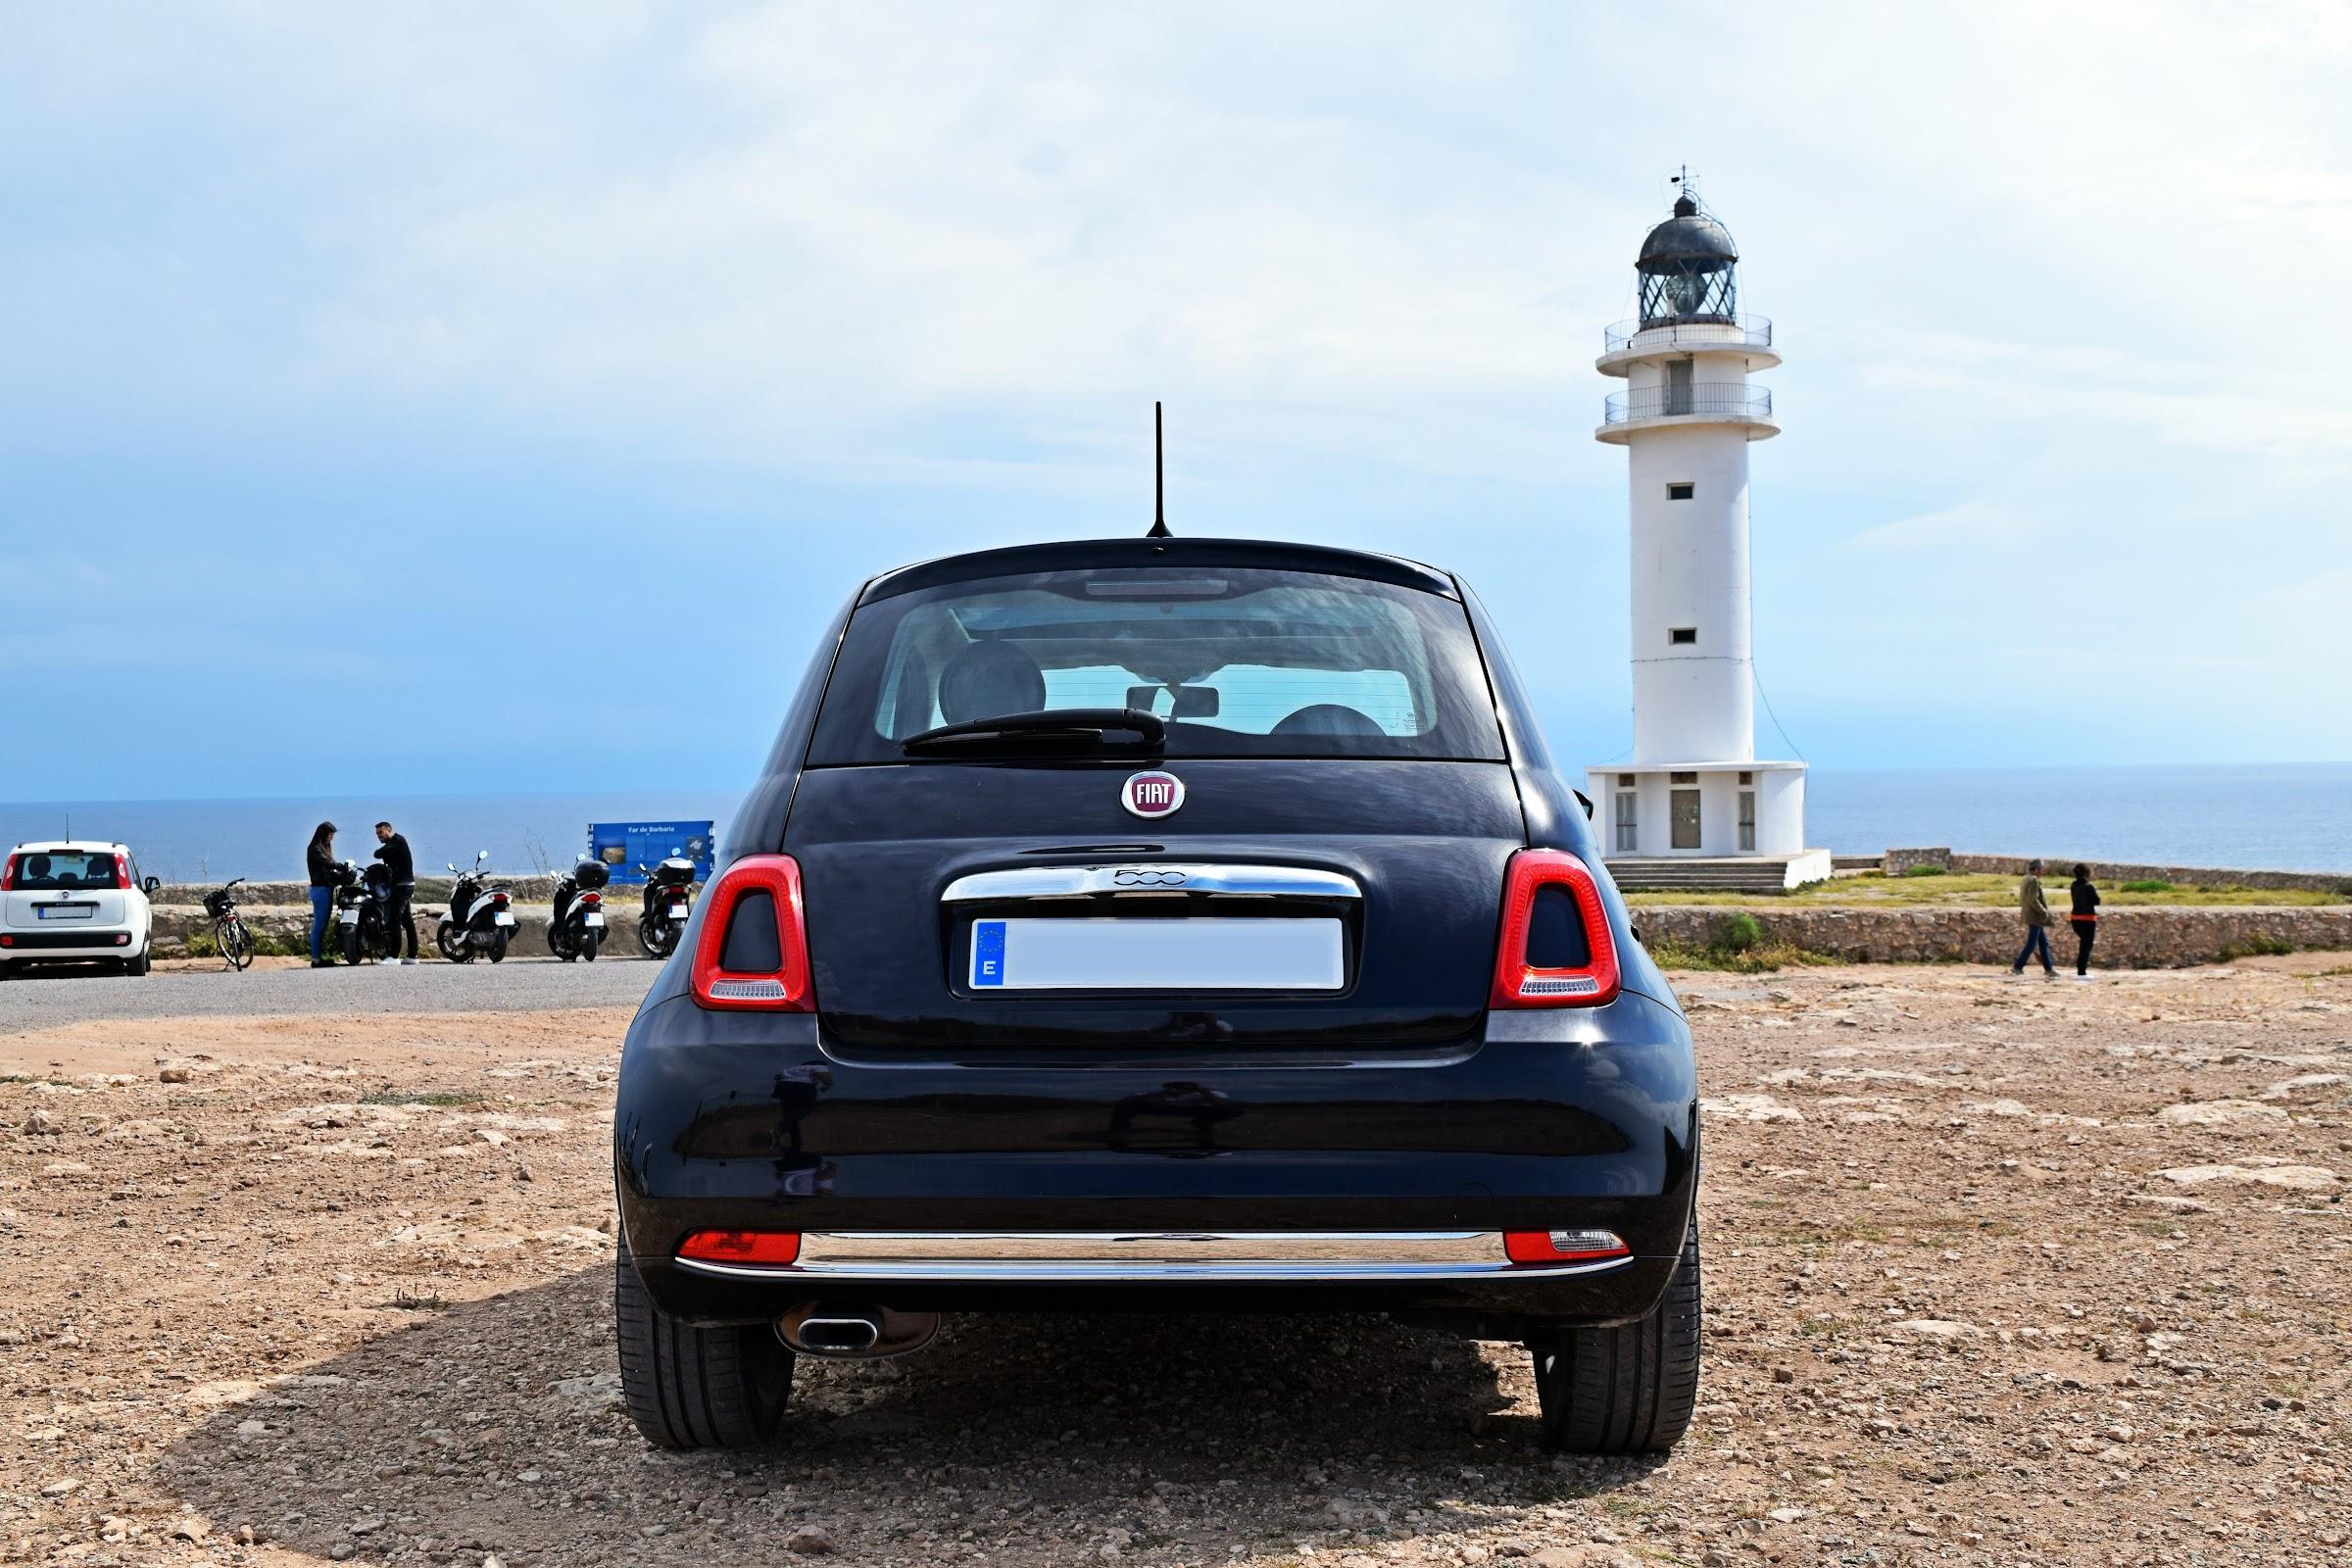 6nZ2sIpPlBee3yfoJjH6uOtgFAyW6eyeLiqBZAjA5EZro0BqH32hHAwvnLAn5Hxx4r5XPYnOdGmKA3ozFlOyP2ukCFFngIEVZ3phIik4BdPjdf YPc9UDb0y4hVPUw2aDr9LubWp Q=w2400 - Toma de contacto: Fiat 500 1.2 69cv